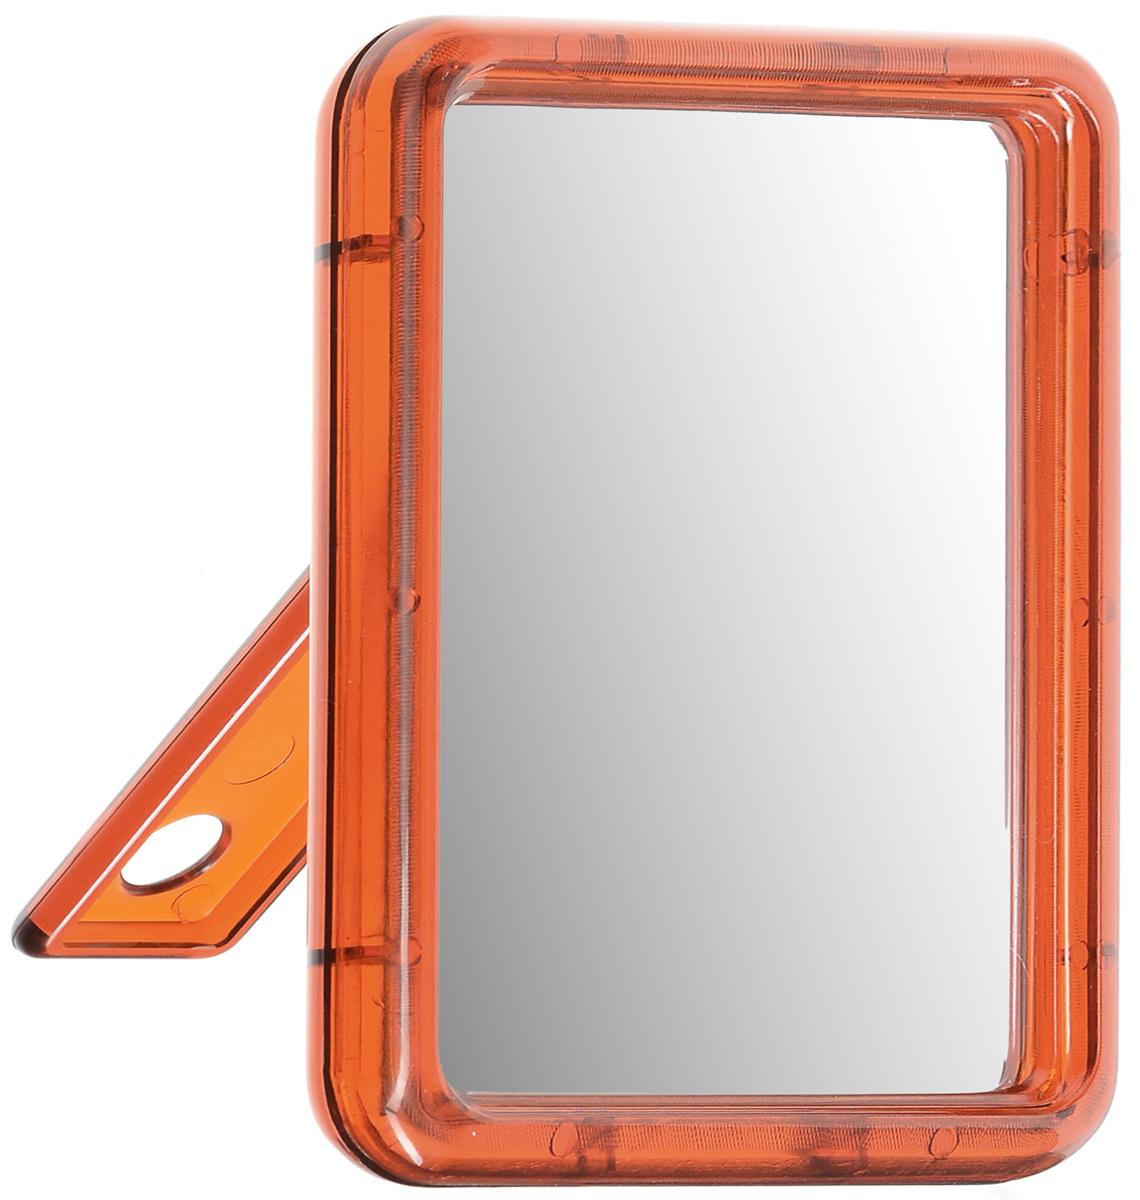 Зеркало настольное Silva, одностороннее, 10 х 13 смSZ 590Настольное косметическое зеркало Silva в пластиковом корпусе идеально подходит для нанесения макияжа и совершения различных косметических процедур. Одностороннее зеркало с регулируемым углом наклона позволит вам установить его так, как это удобно вам. Яркий и стильный дизайн делает зеркало отличным подарком родным и близким, оно будет прекрасно смотреться в любом интерьере.